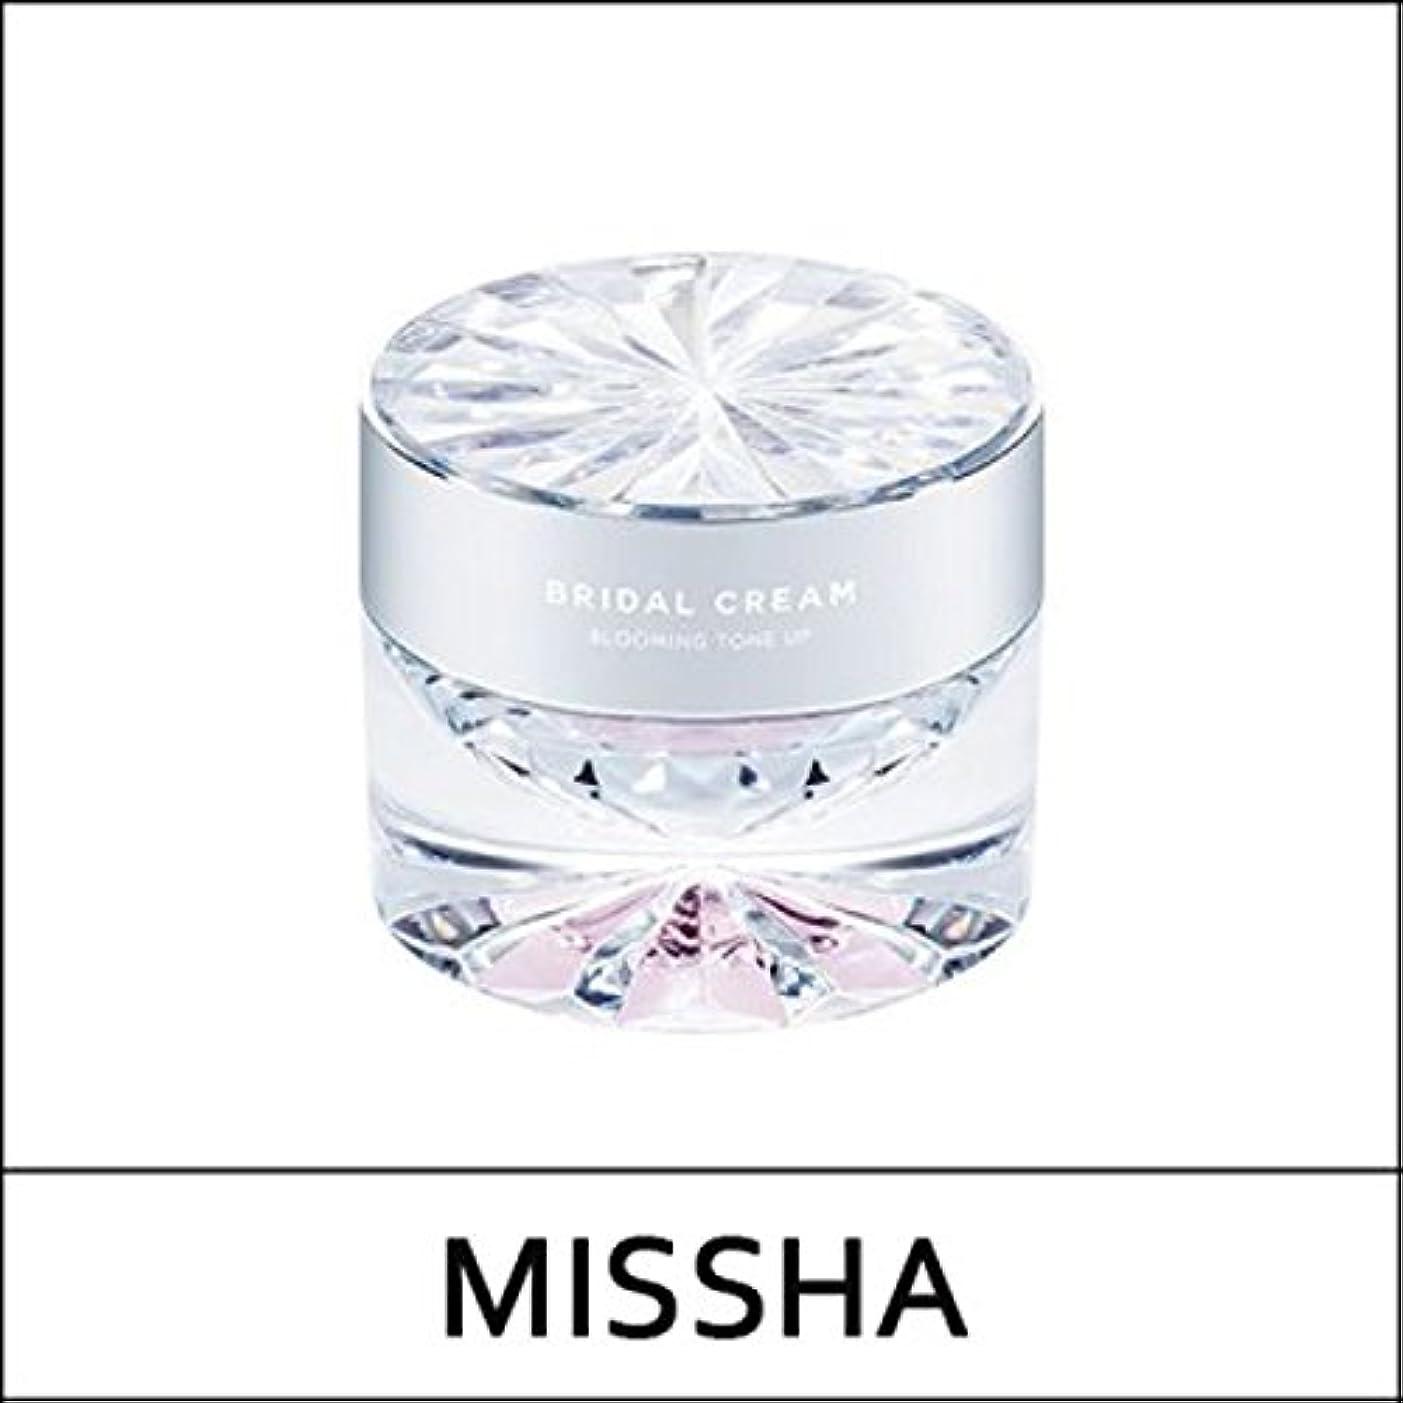 ブロンズリファイン忌避剤[Missha] ミシャ タイムレボリューション ブライダルクリーム 50ml( Time Revolution Bridal Cream 50ml Blooming Tone Up)